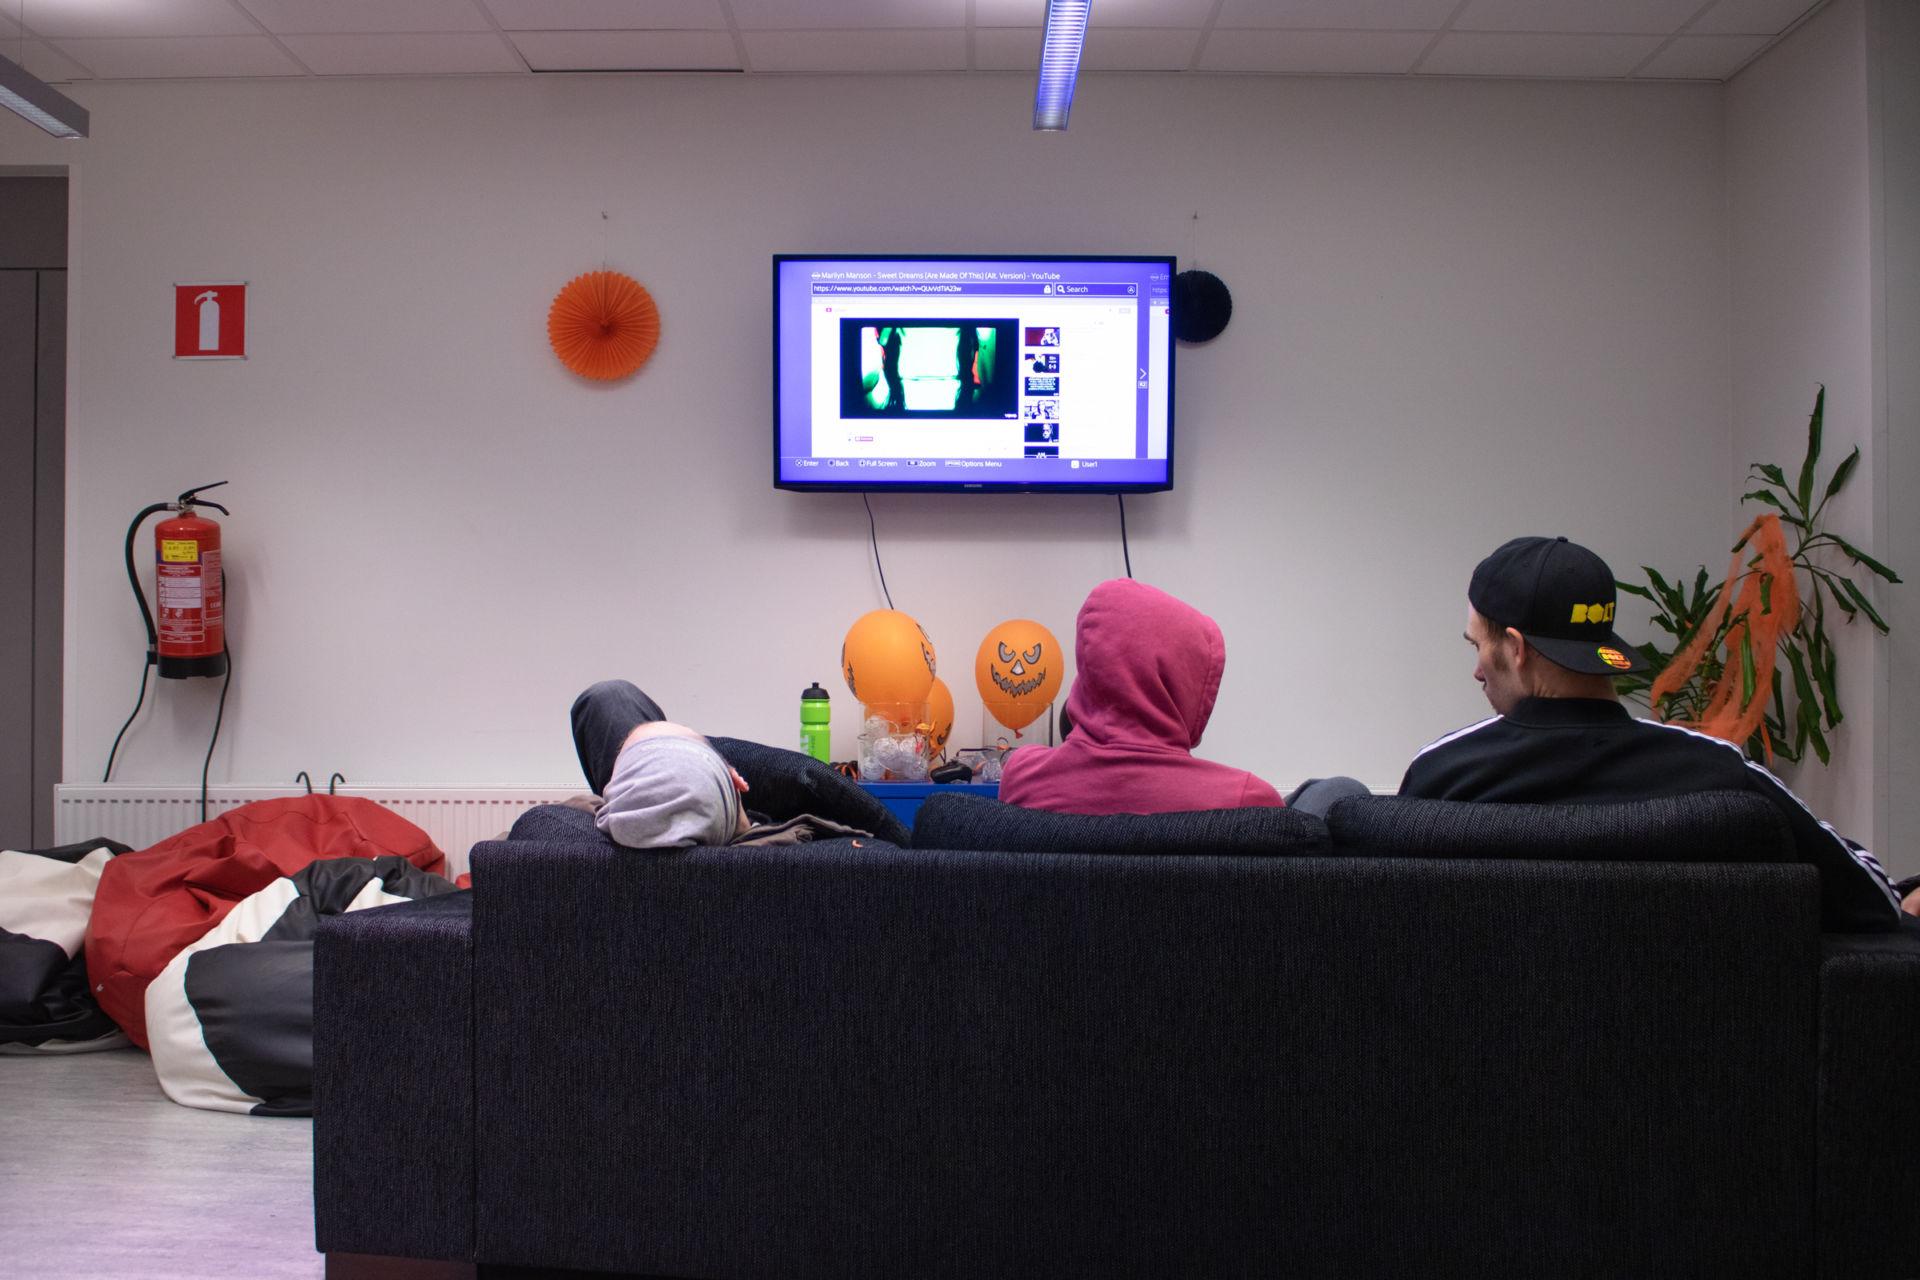 Kolme henkilöä sohvalla katsomassa Youtubea TV:stä.